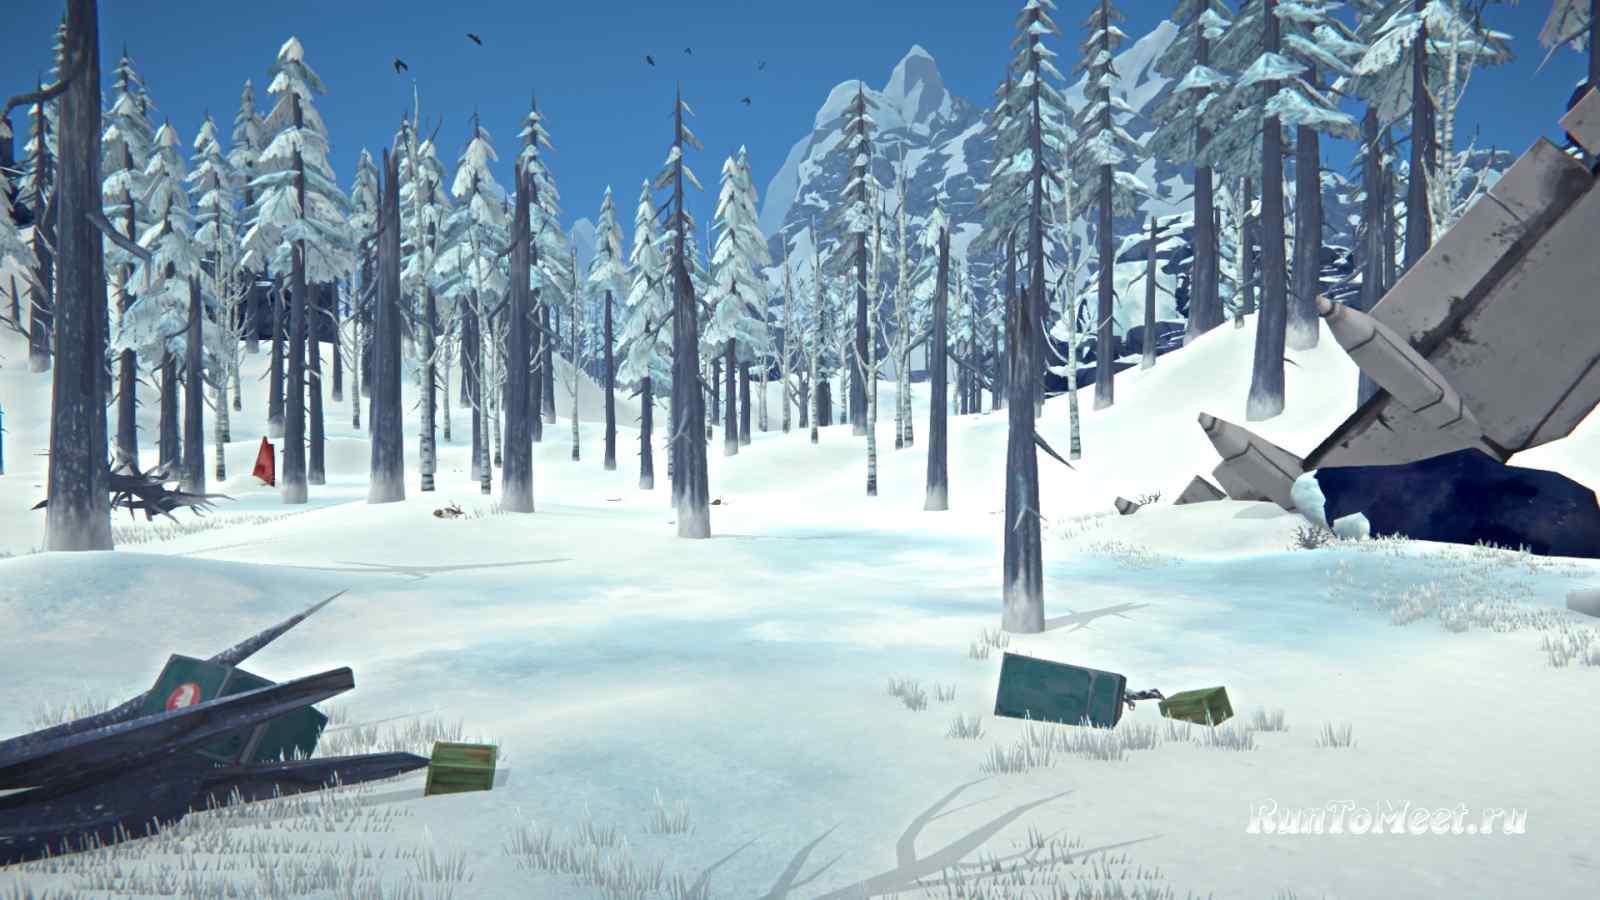 Контейнеры рядом с крылом самолета на Волчьей горе, в игре The long dark